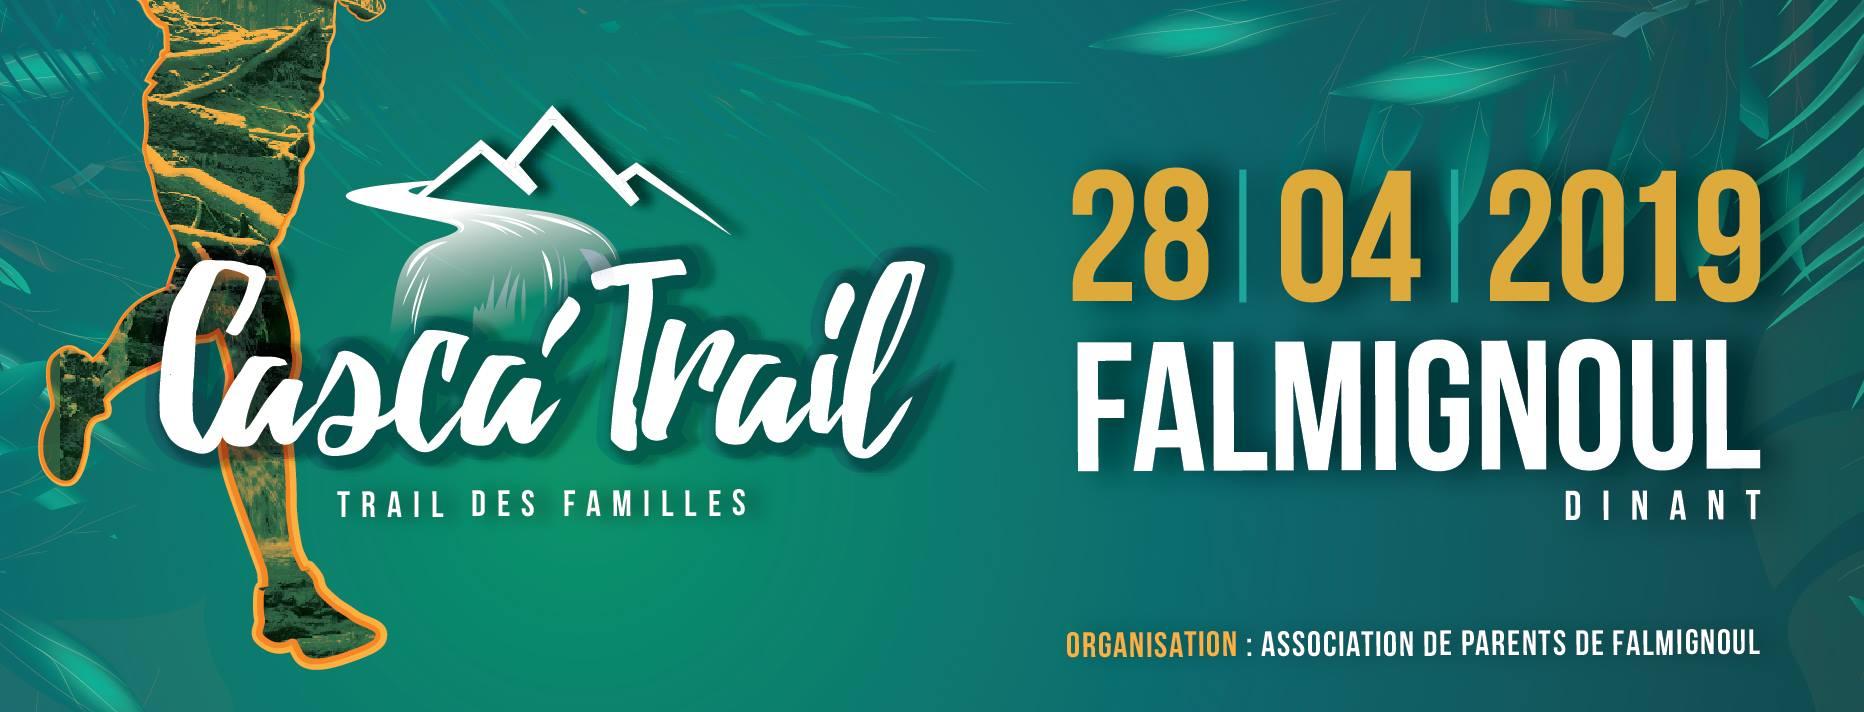 Casca'trail à Falmignoul